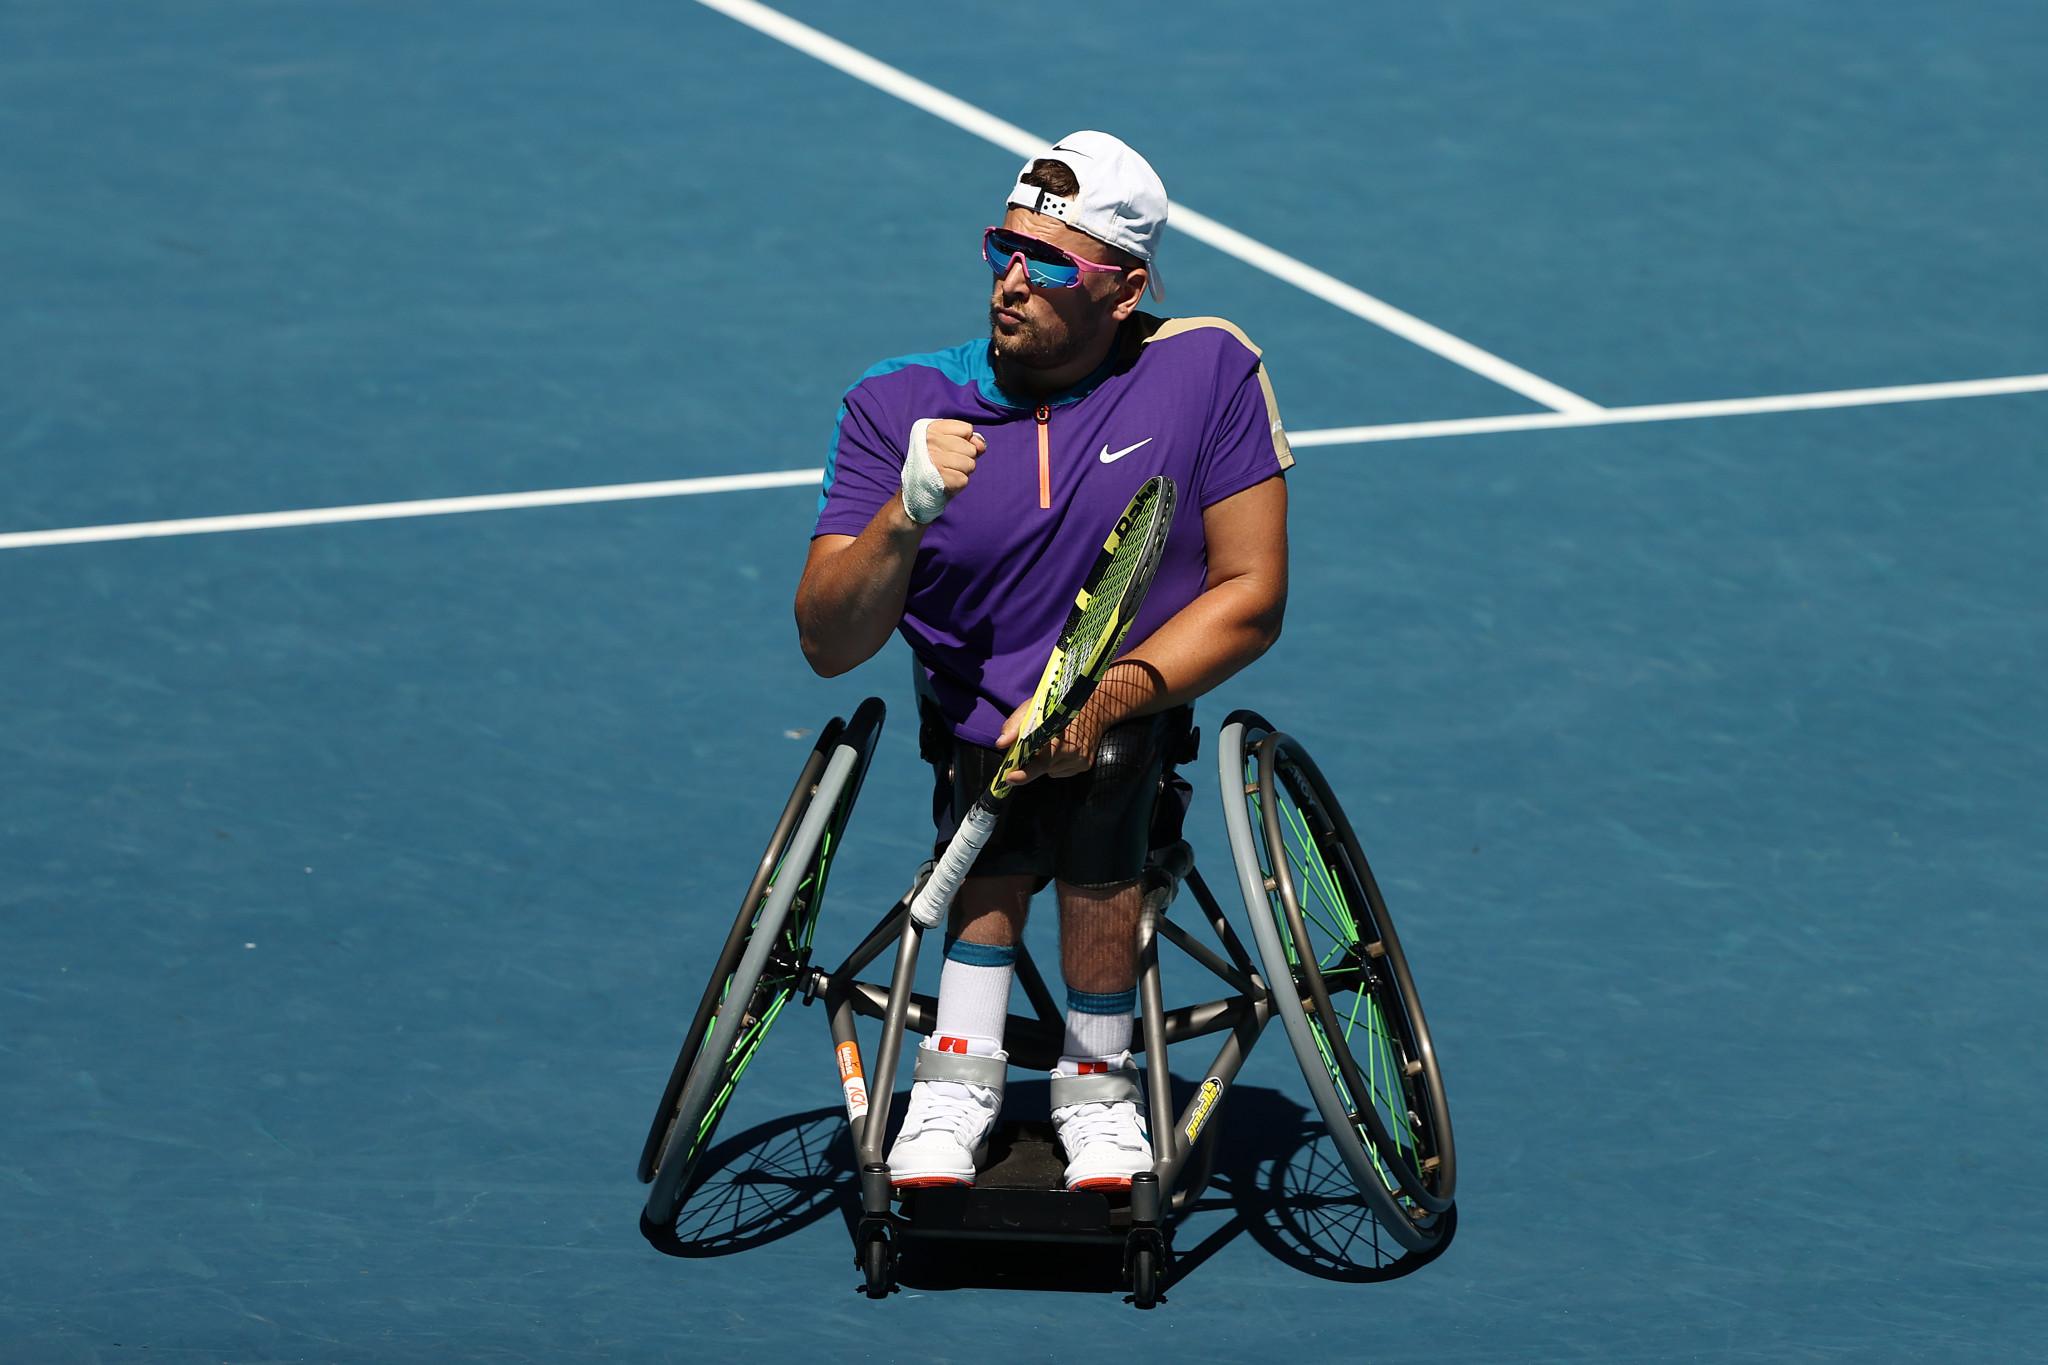 Dylan Alcott is seeking a seventh Australian Open title in a row ©Getty Images